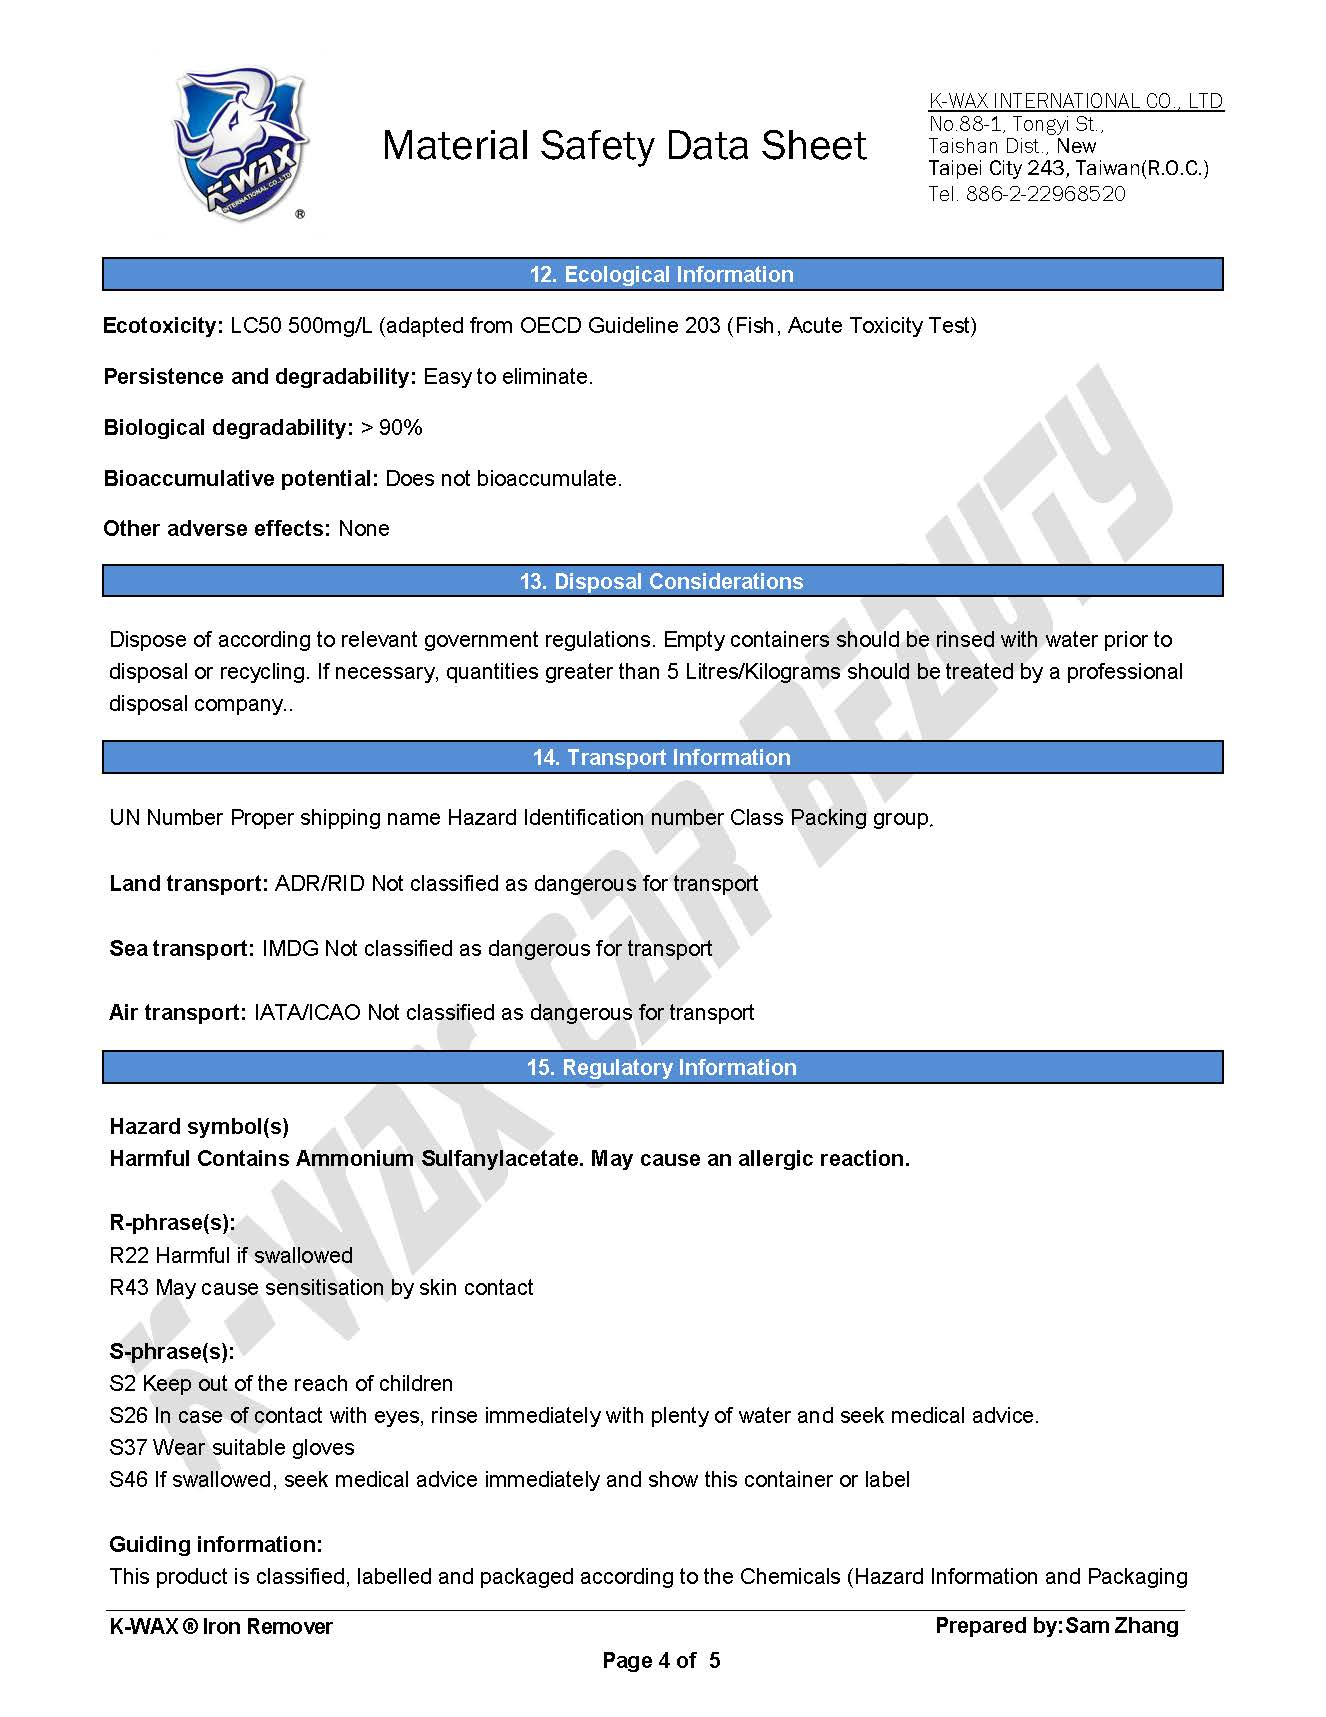 鐵粉拔除劑 MSDS_页面_4.jpg